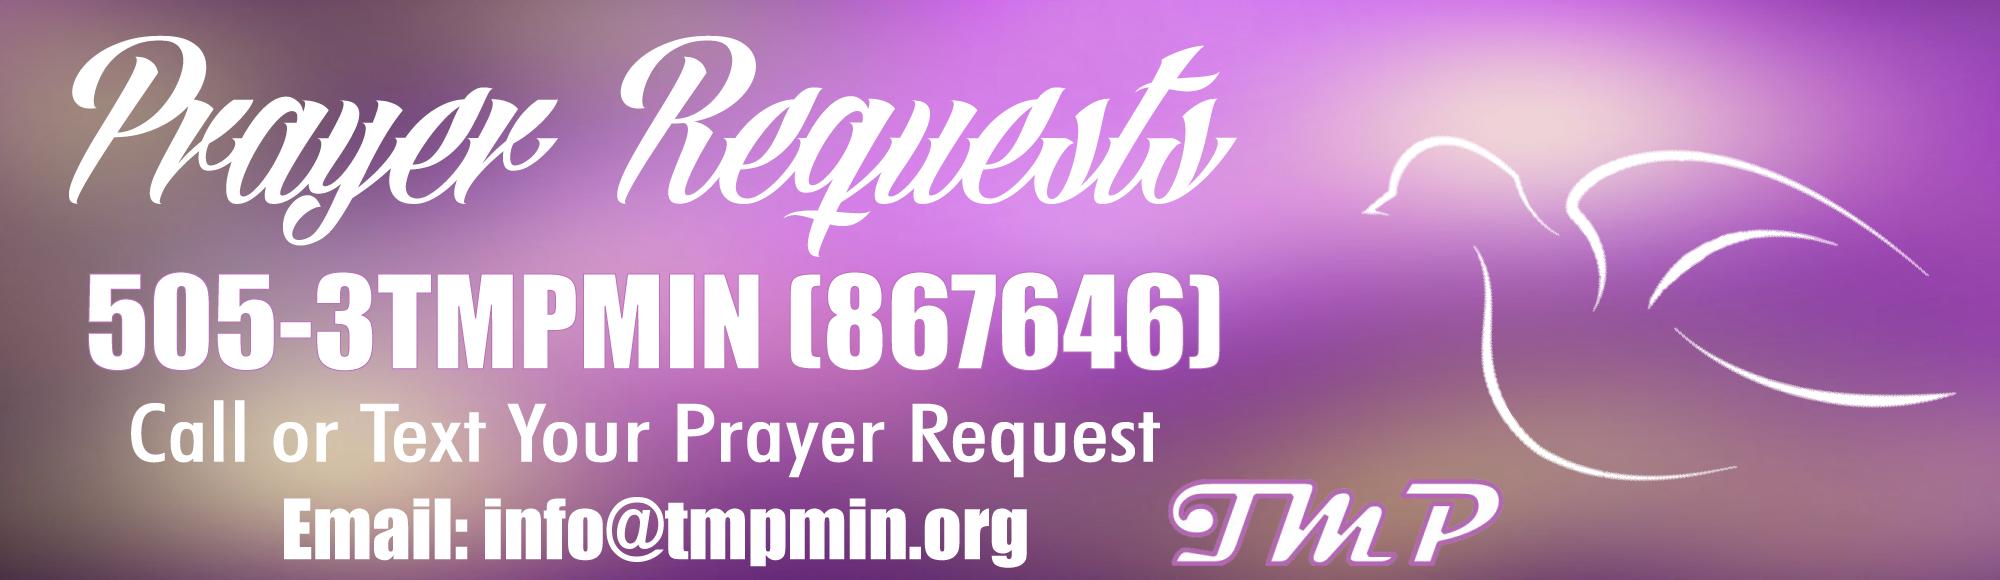 Prayer Contact